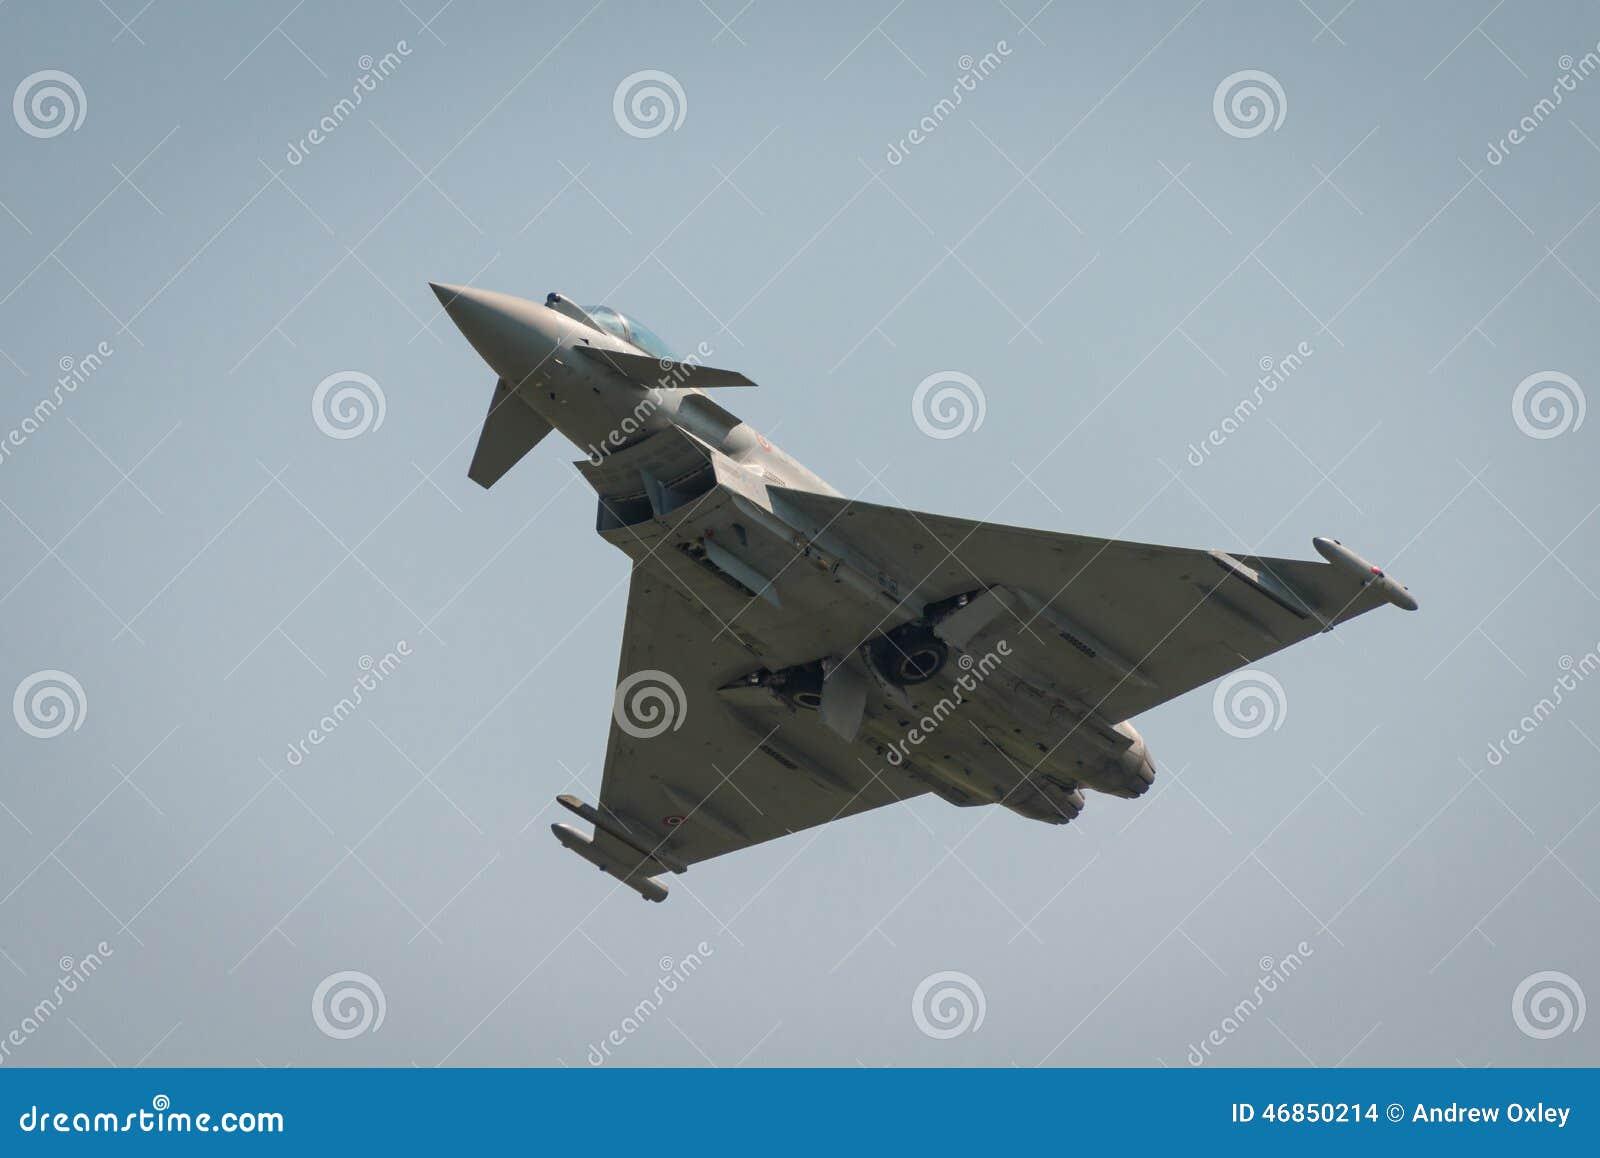 Aereo Da Caccia Giapponese : Aereo da caccia italiano di tifone dell aeronautica